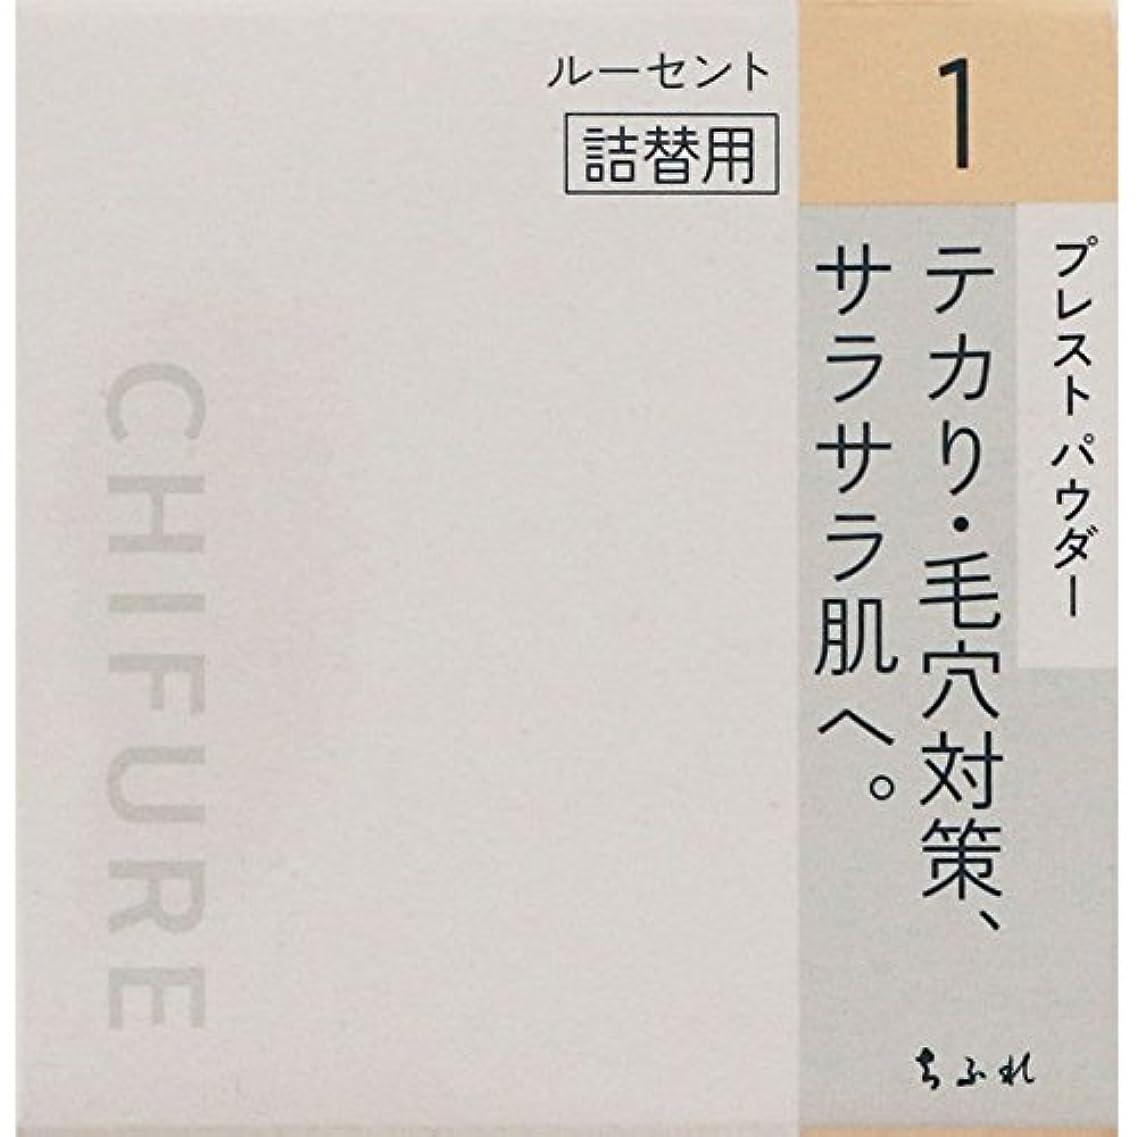 面白い勧める行ちふれ化粧品 ちふれ プレストパウダーS詰替用 1 PパウダーS詰替用1